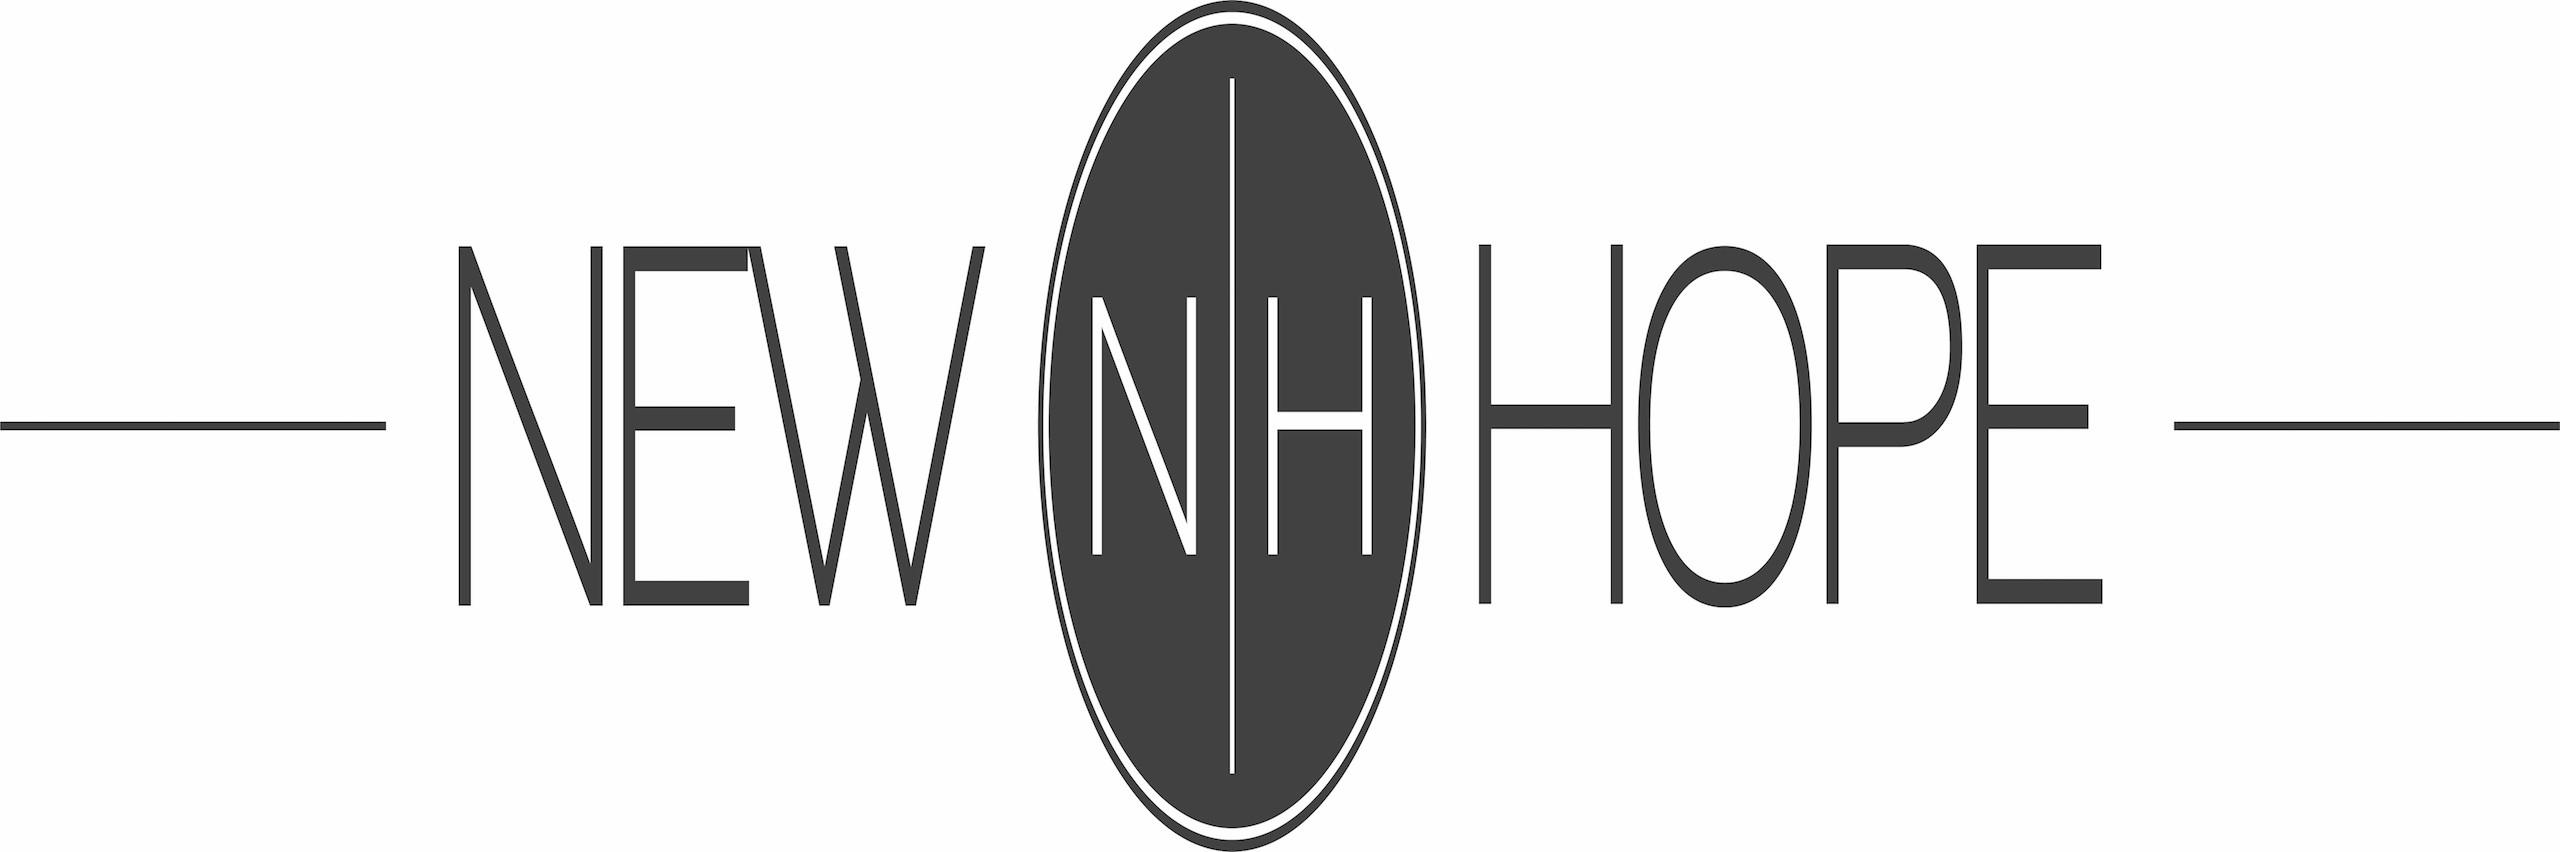 NewHopeBend